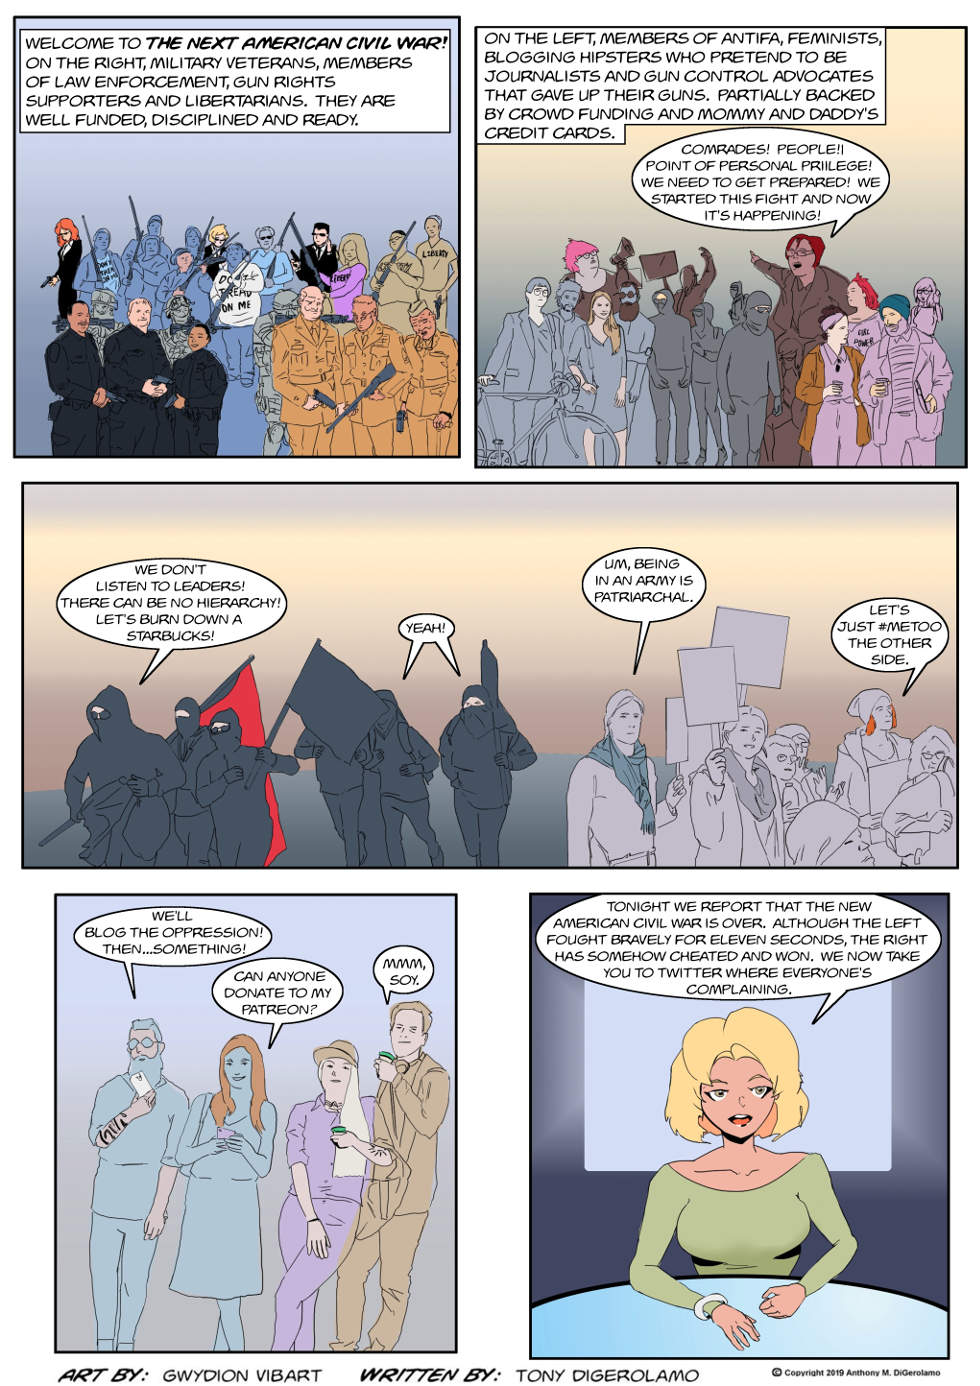 The Antiwar Comic:  The New American Civil War